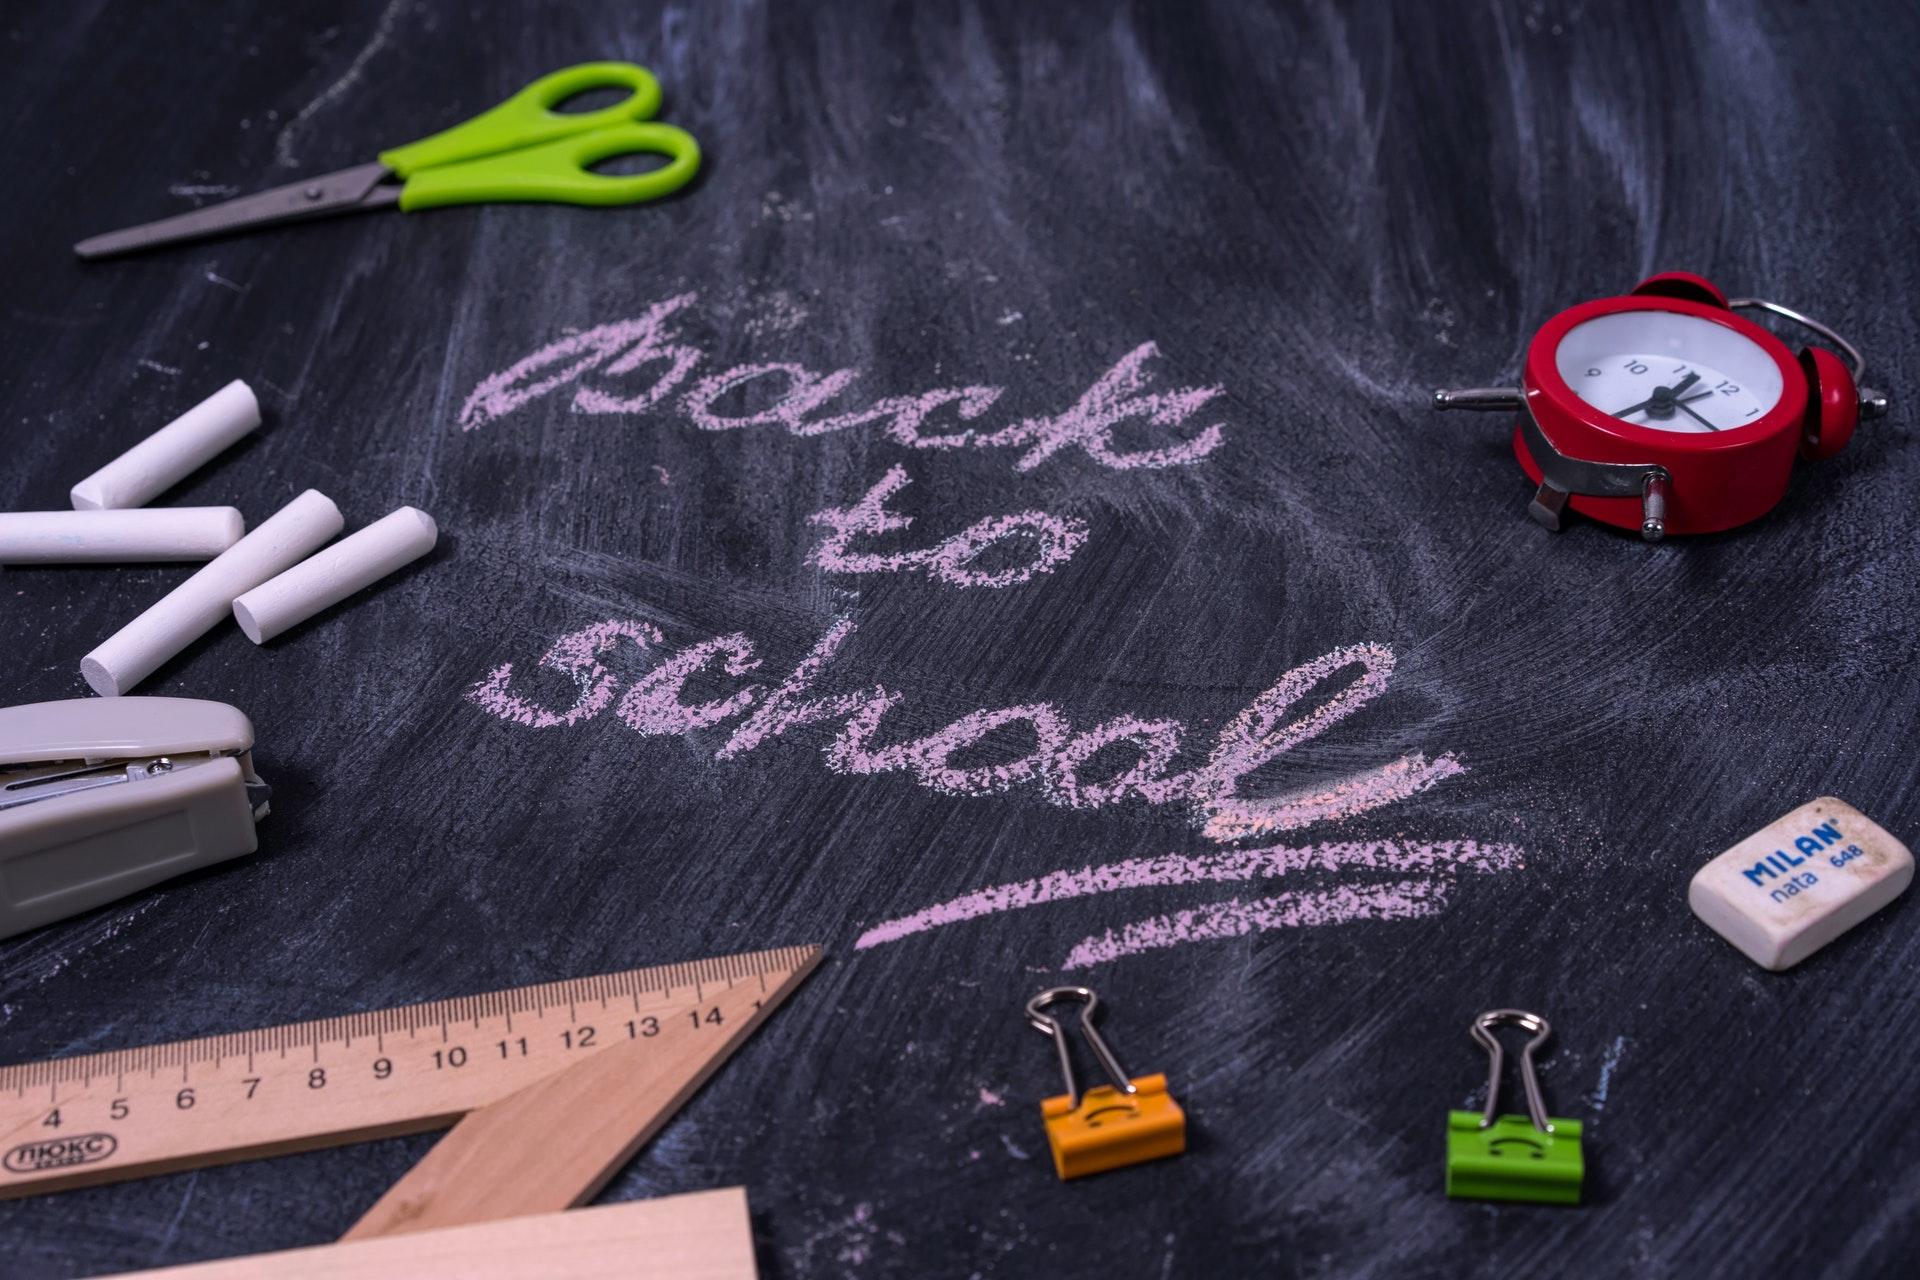 materiale scolastico risparmiare sulle scorte